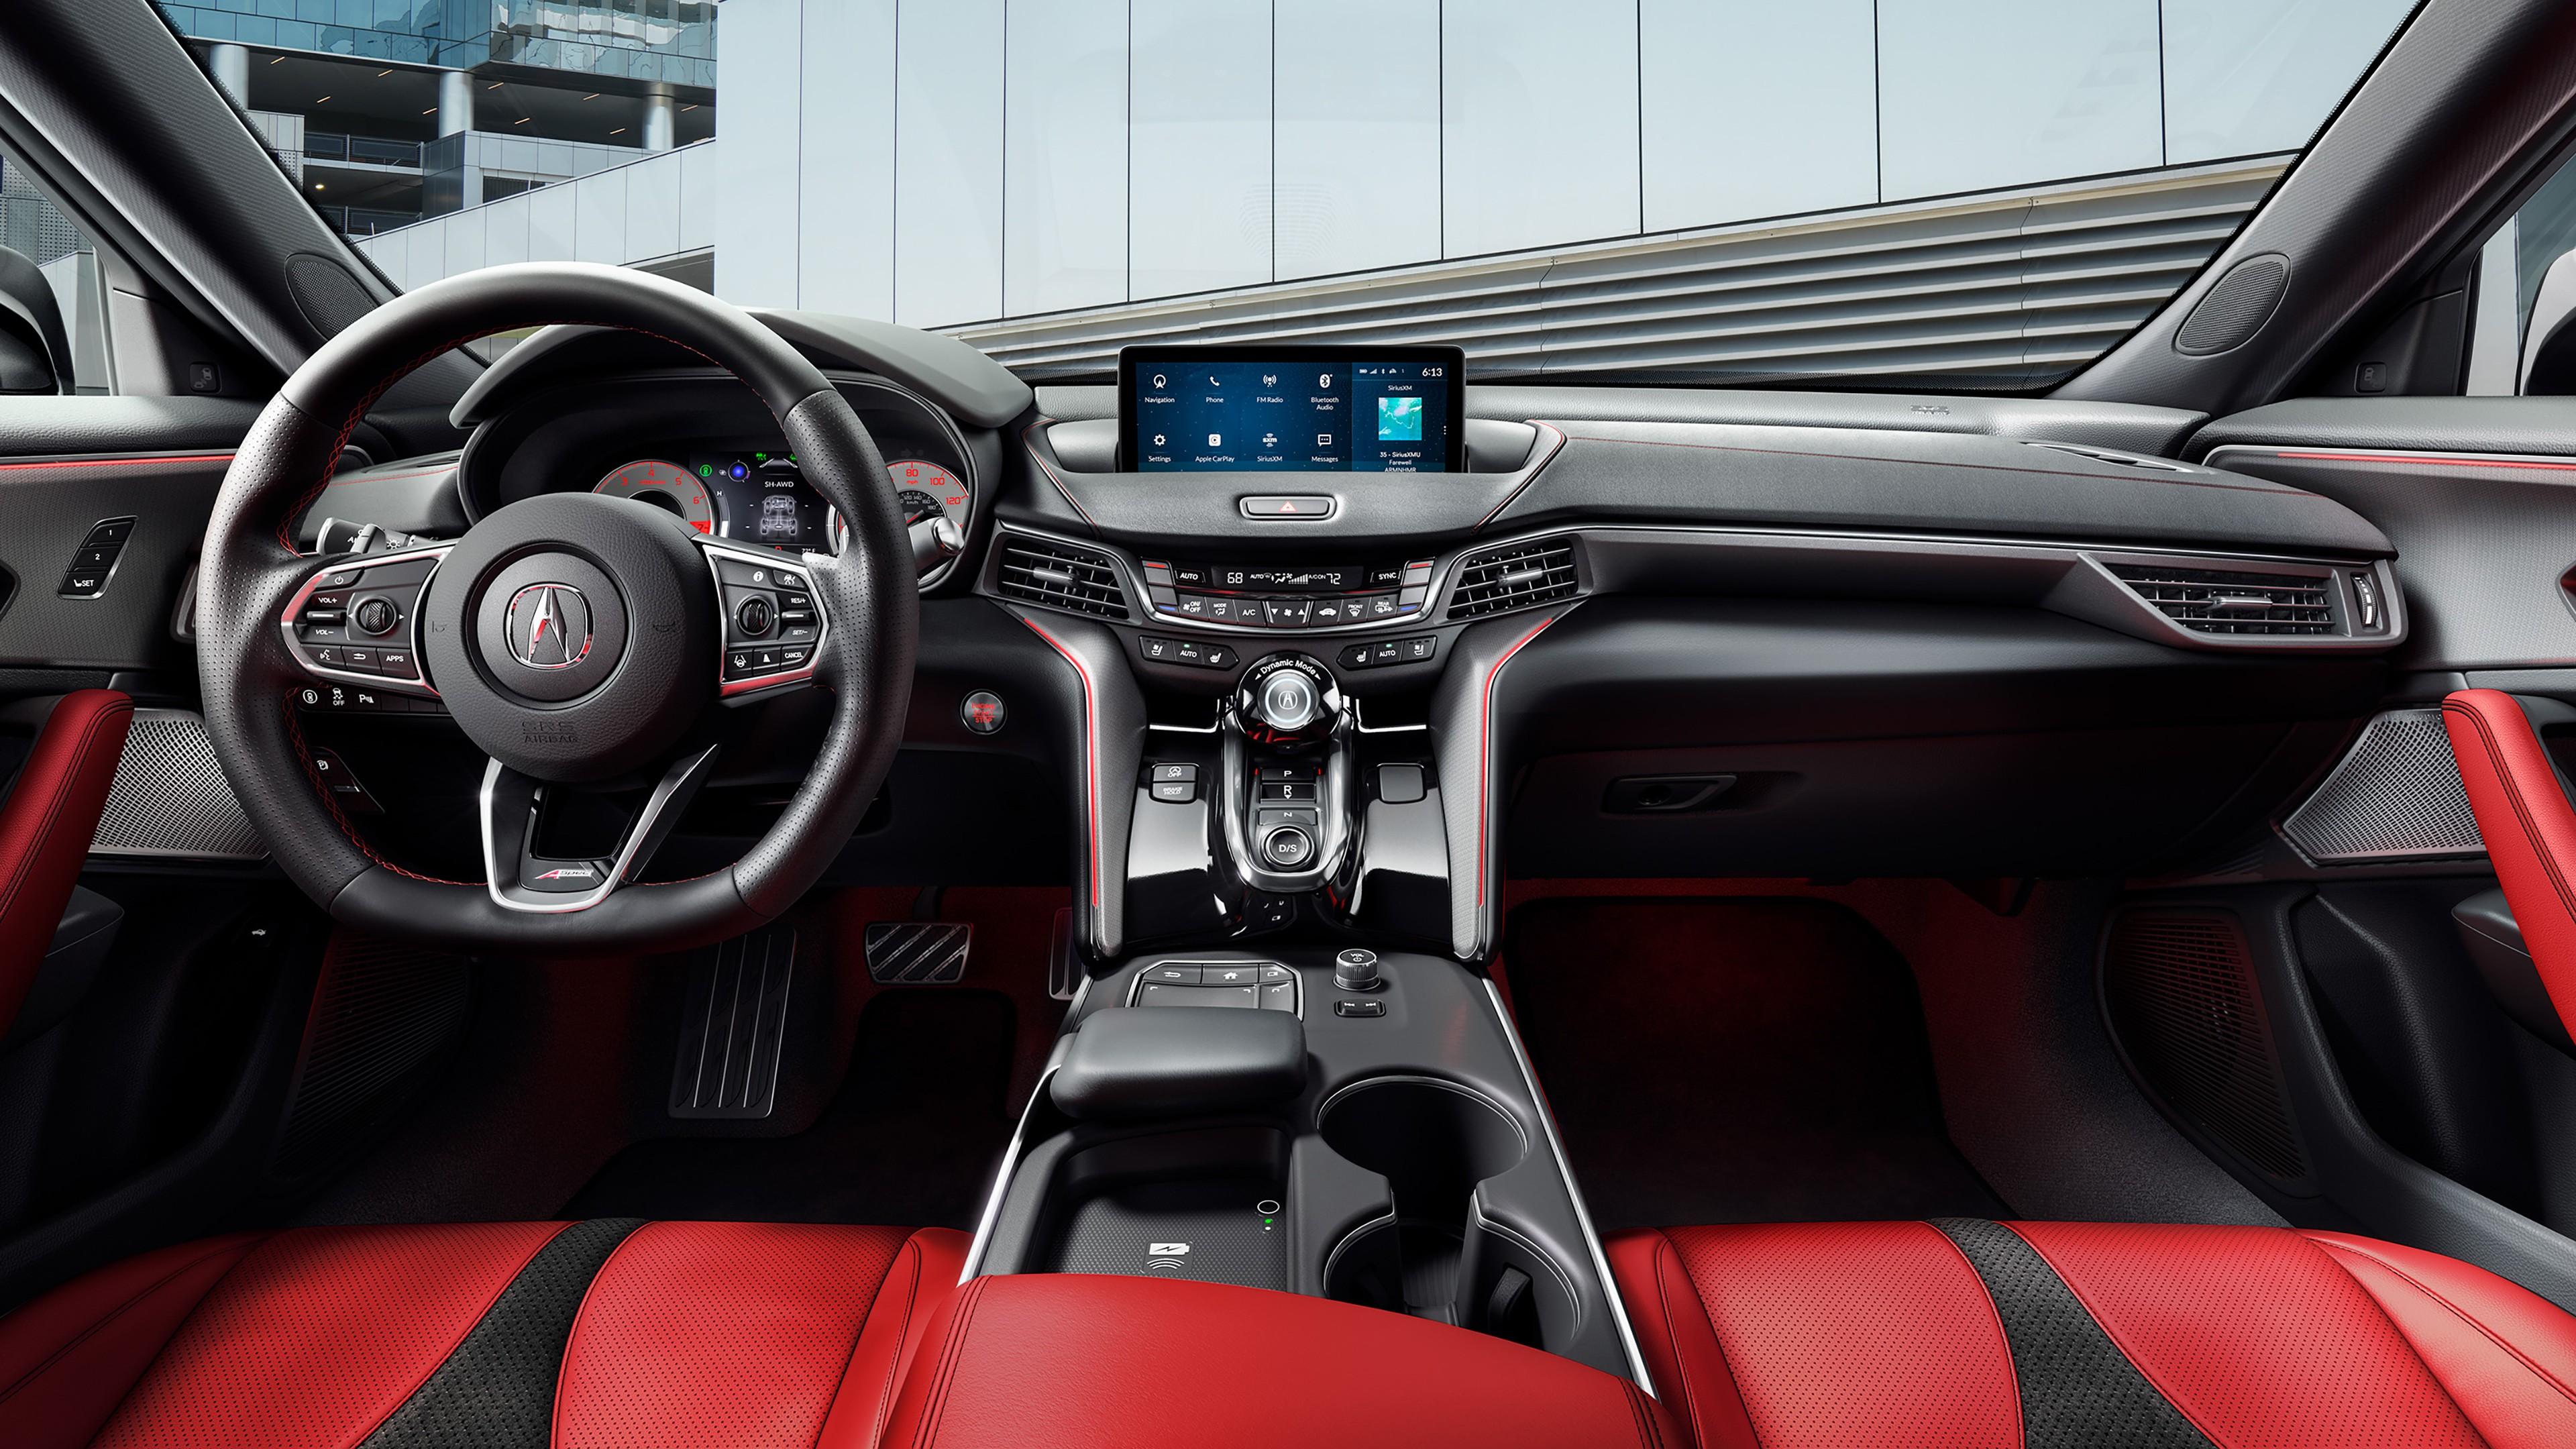 Acura Tlx Interior >> 2021 Acura TLX A-Spec Interior 4K Wallpaper   HD Car ...